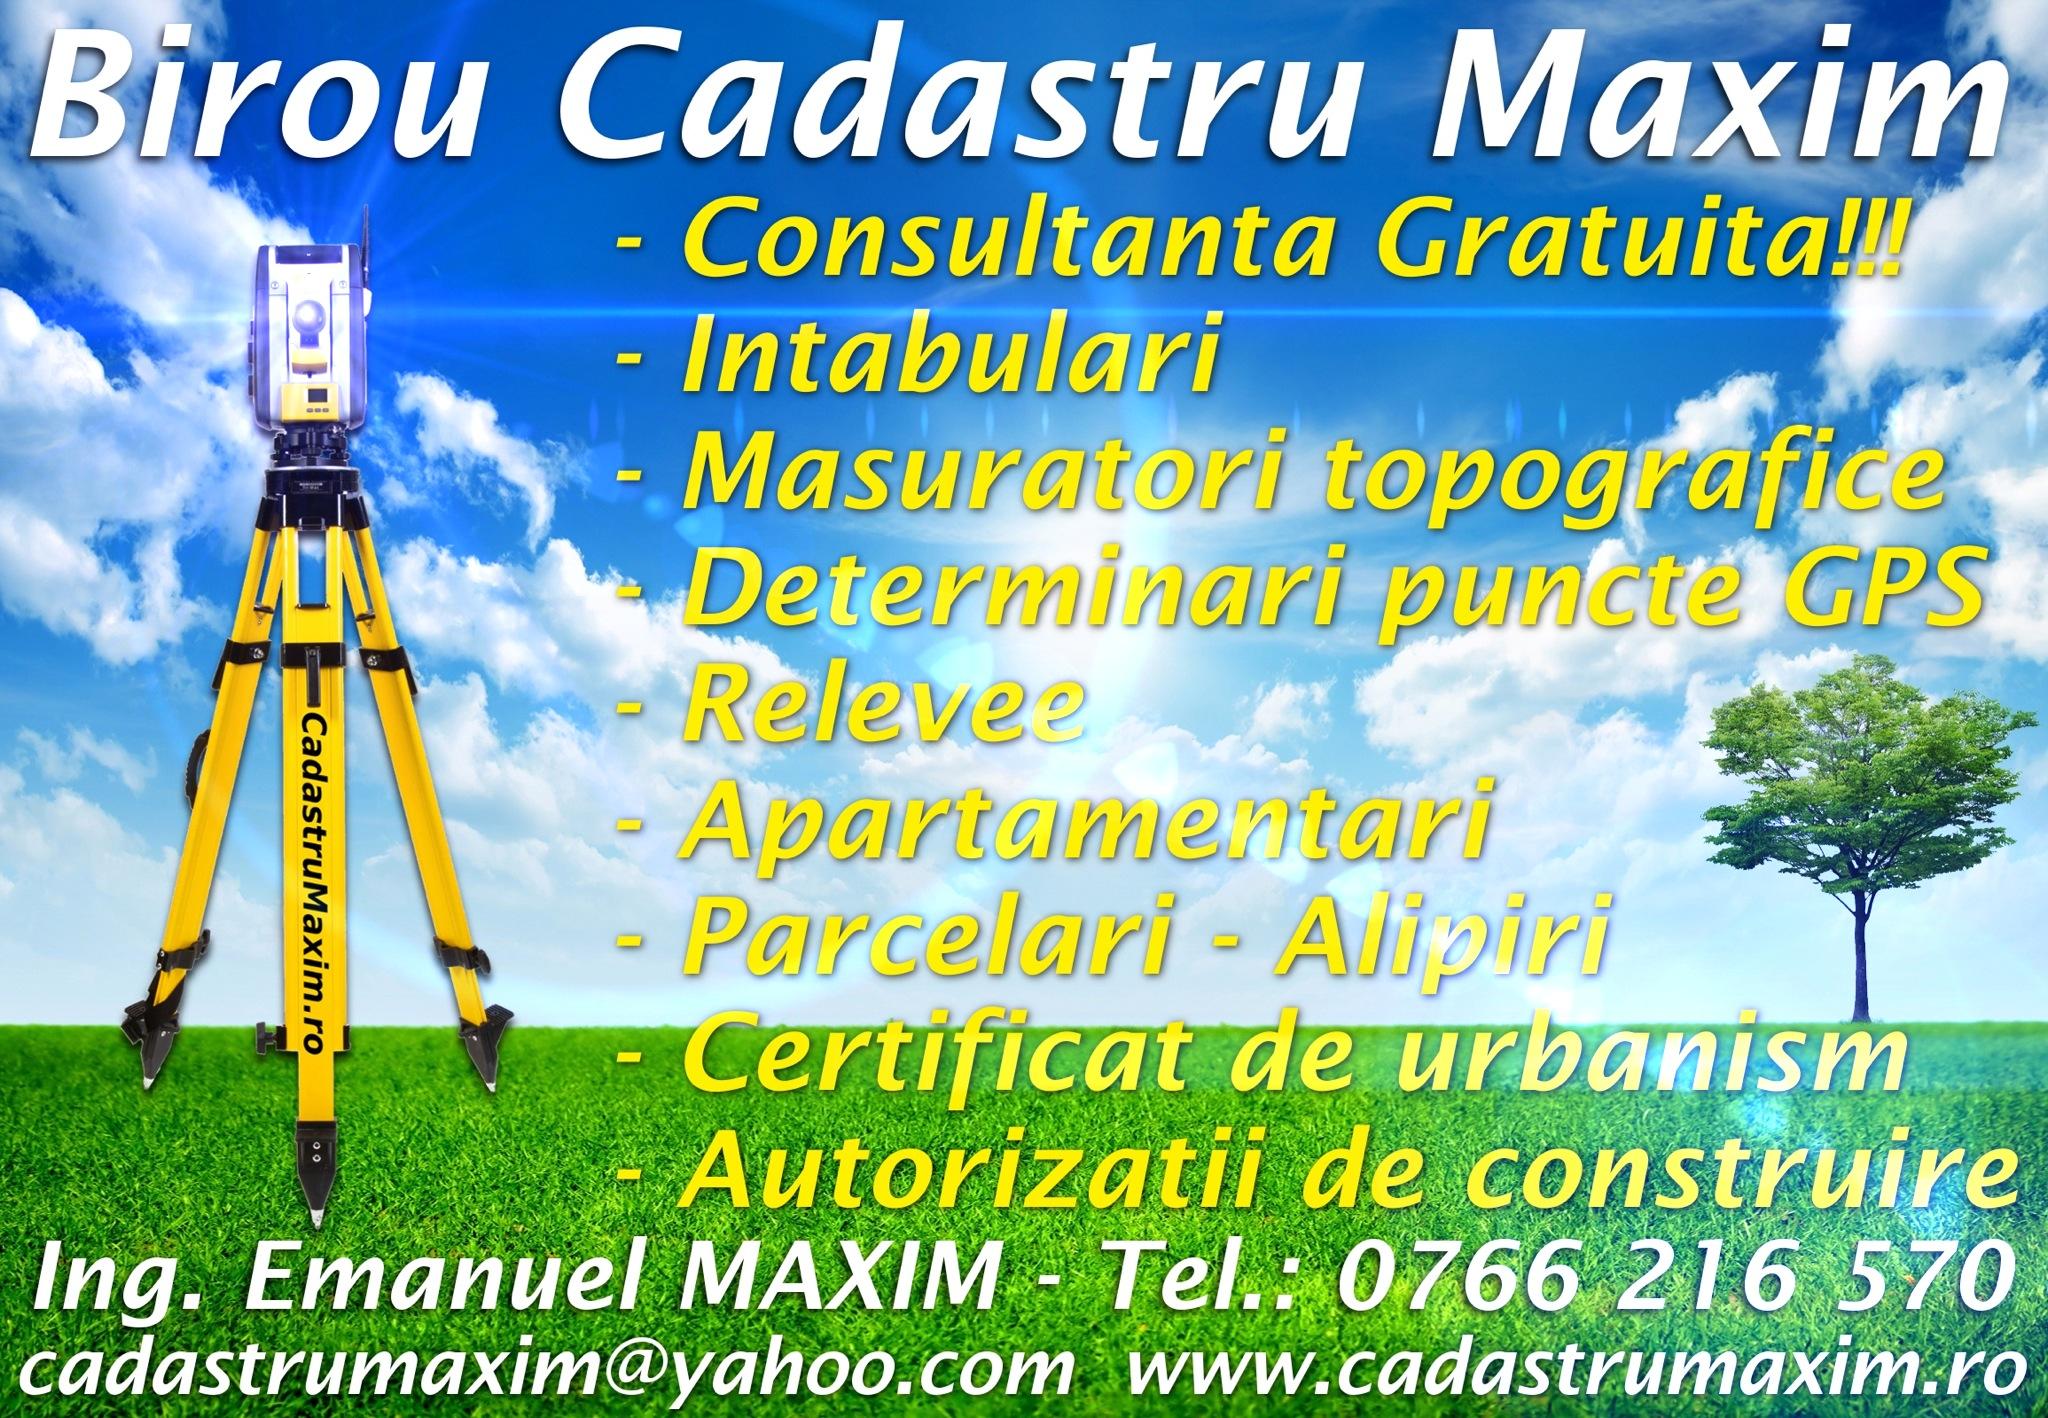 Birou Cadastru Maxim